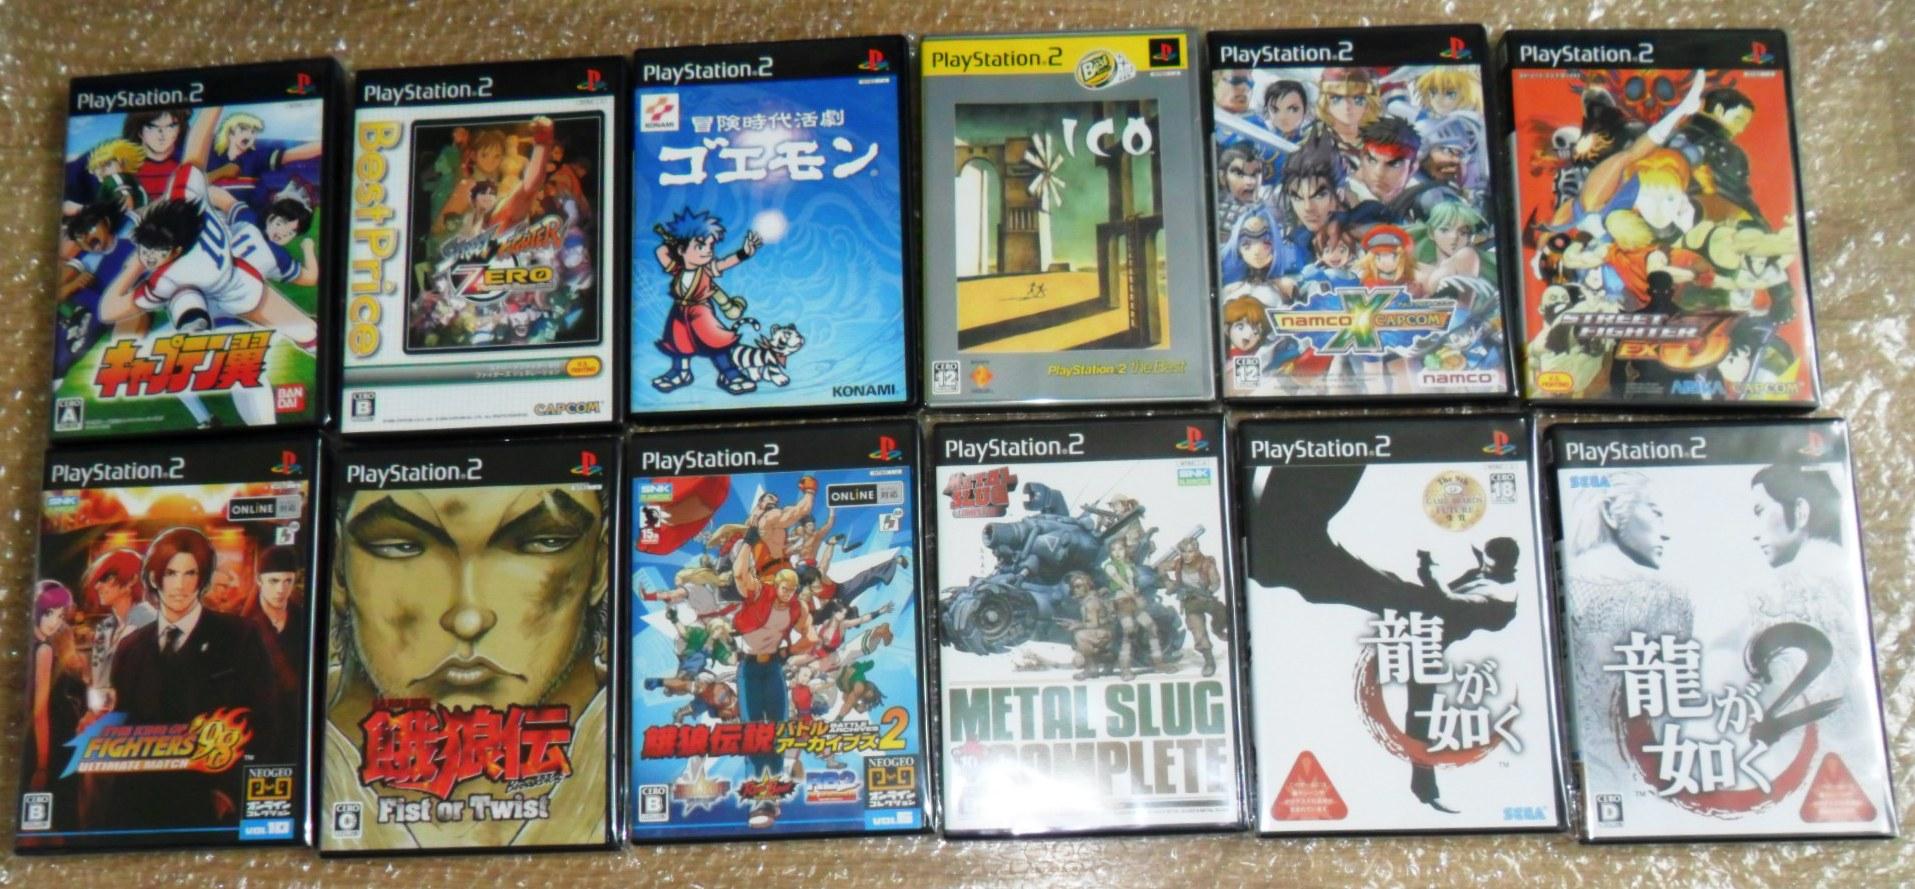 Comparateur console jeux video info jeux magazine acheter jeux de soci t pas cher - Console jeux video pas cher ...